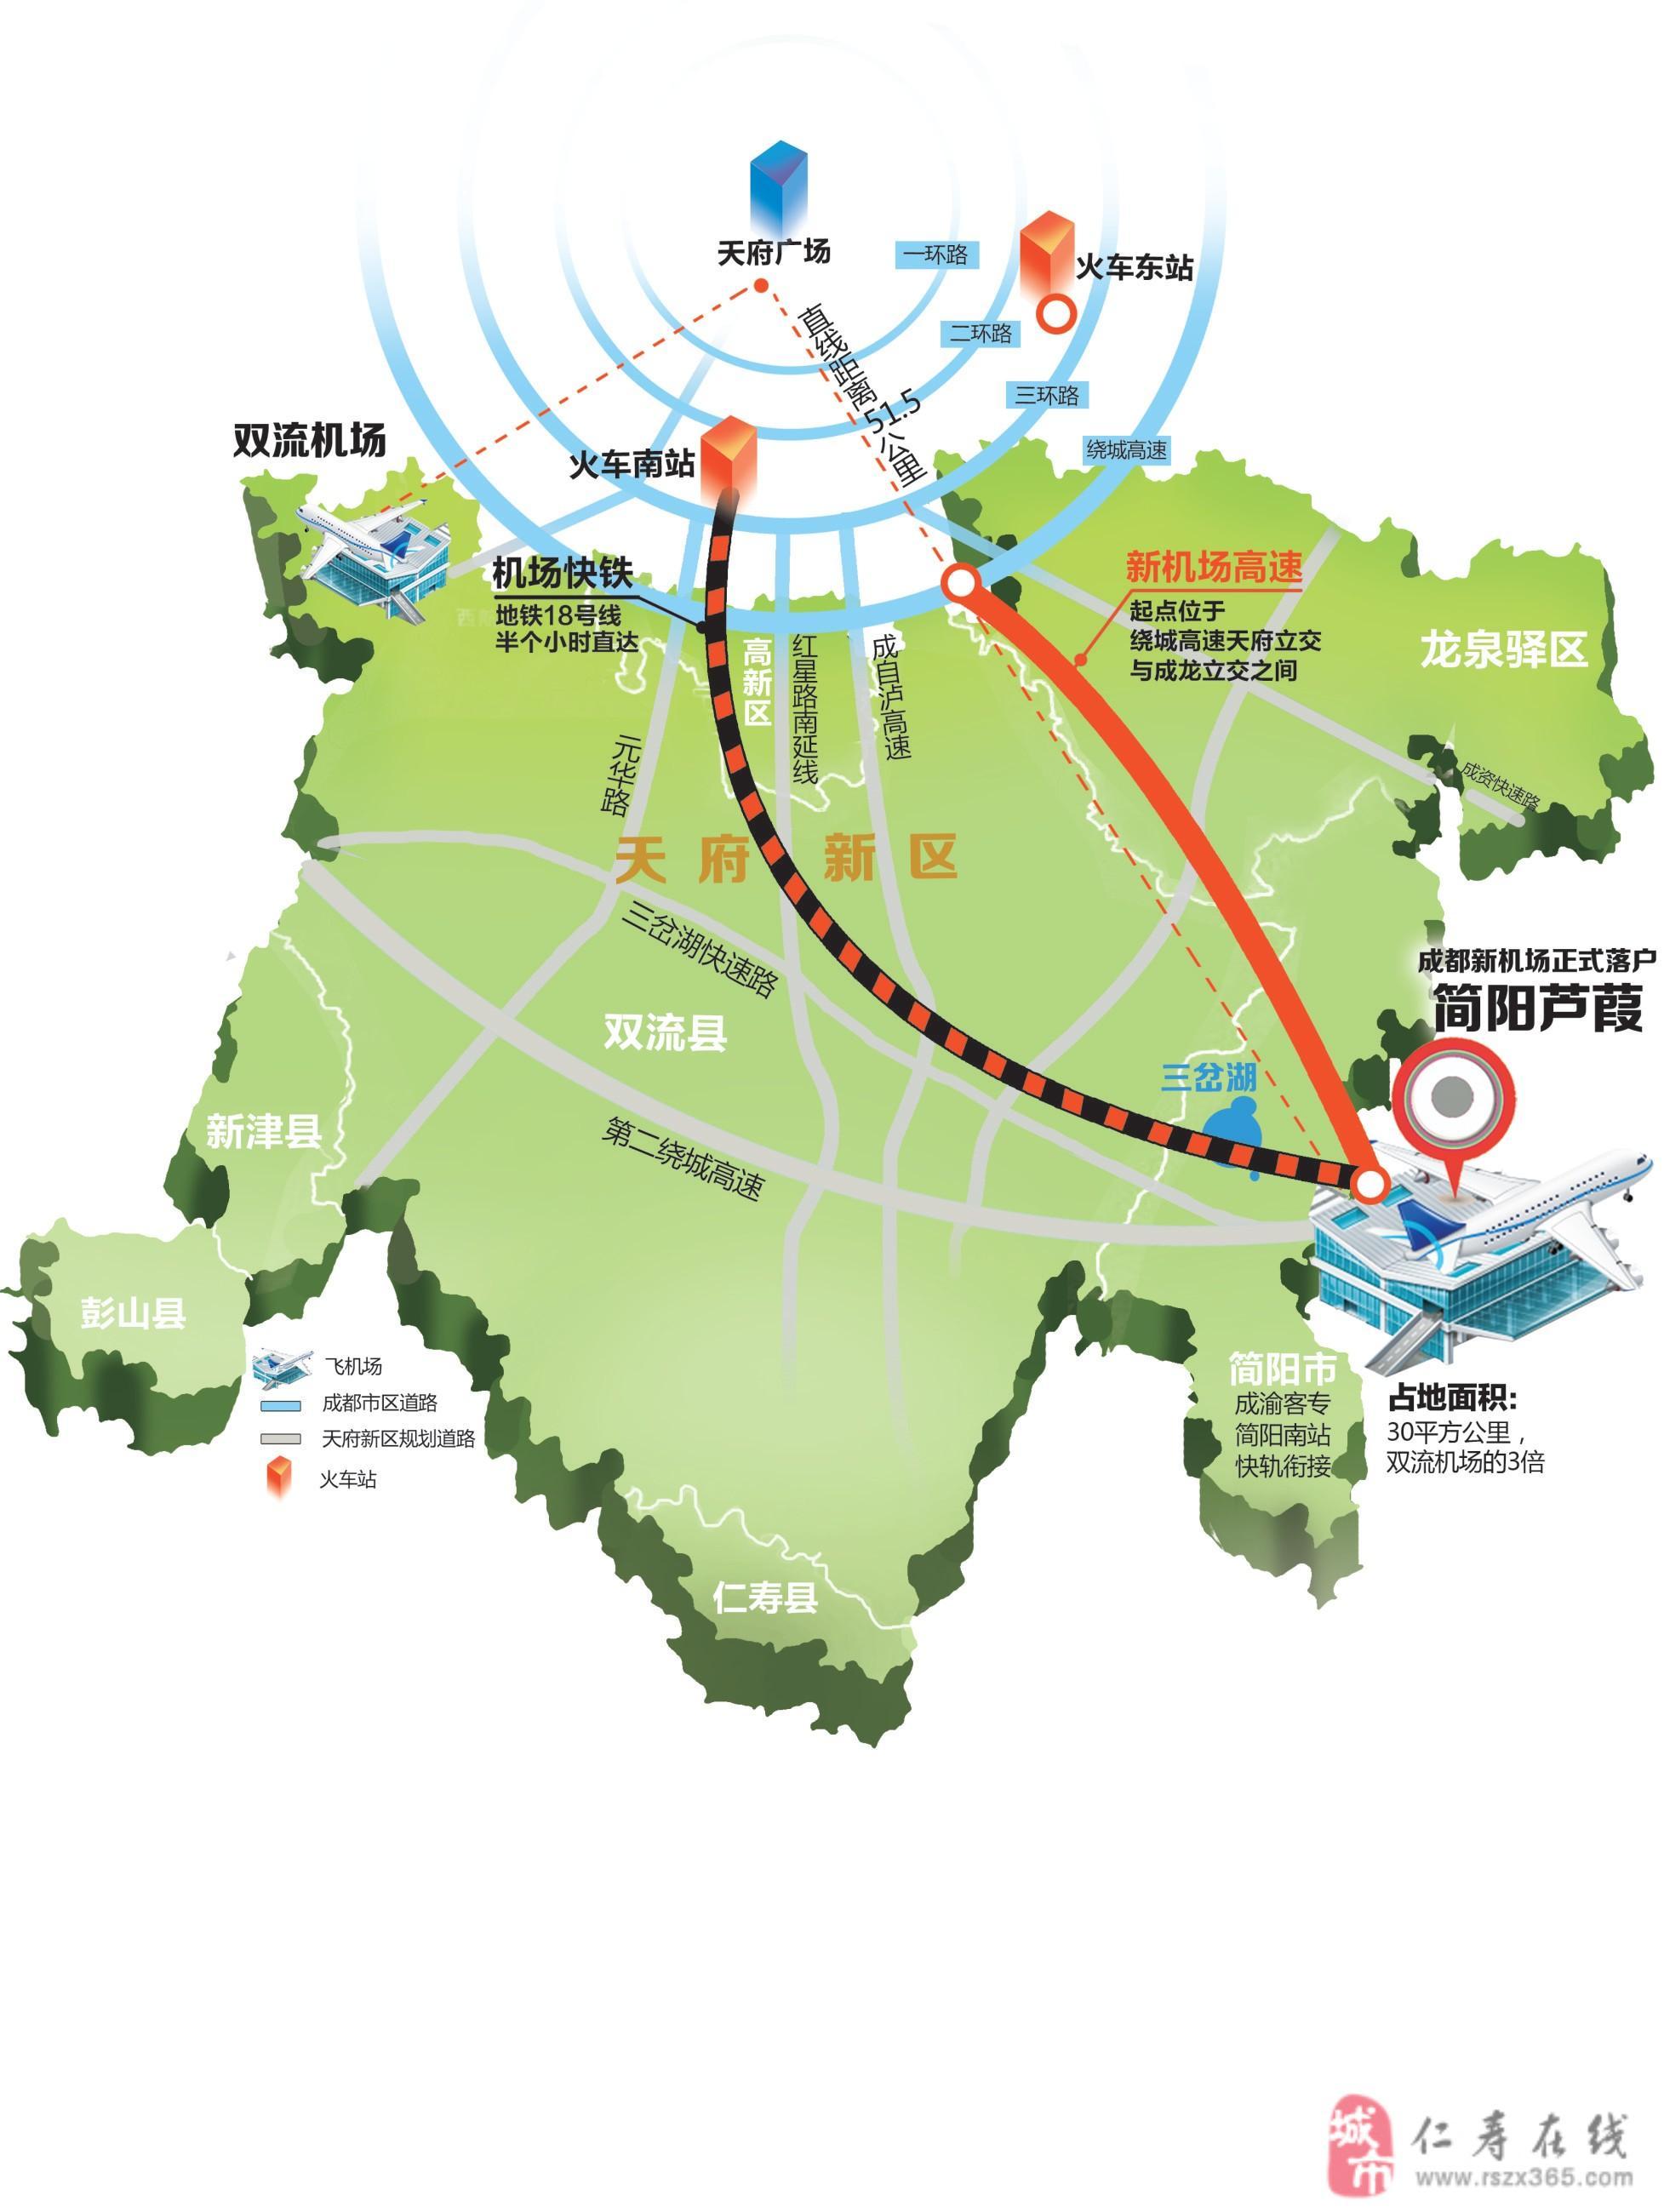 北京新机场地铁规划   成都新机场最新内部规划图曝光